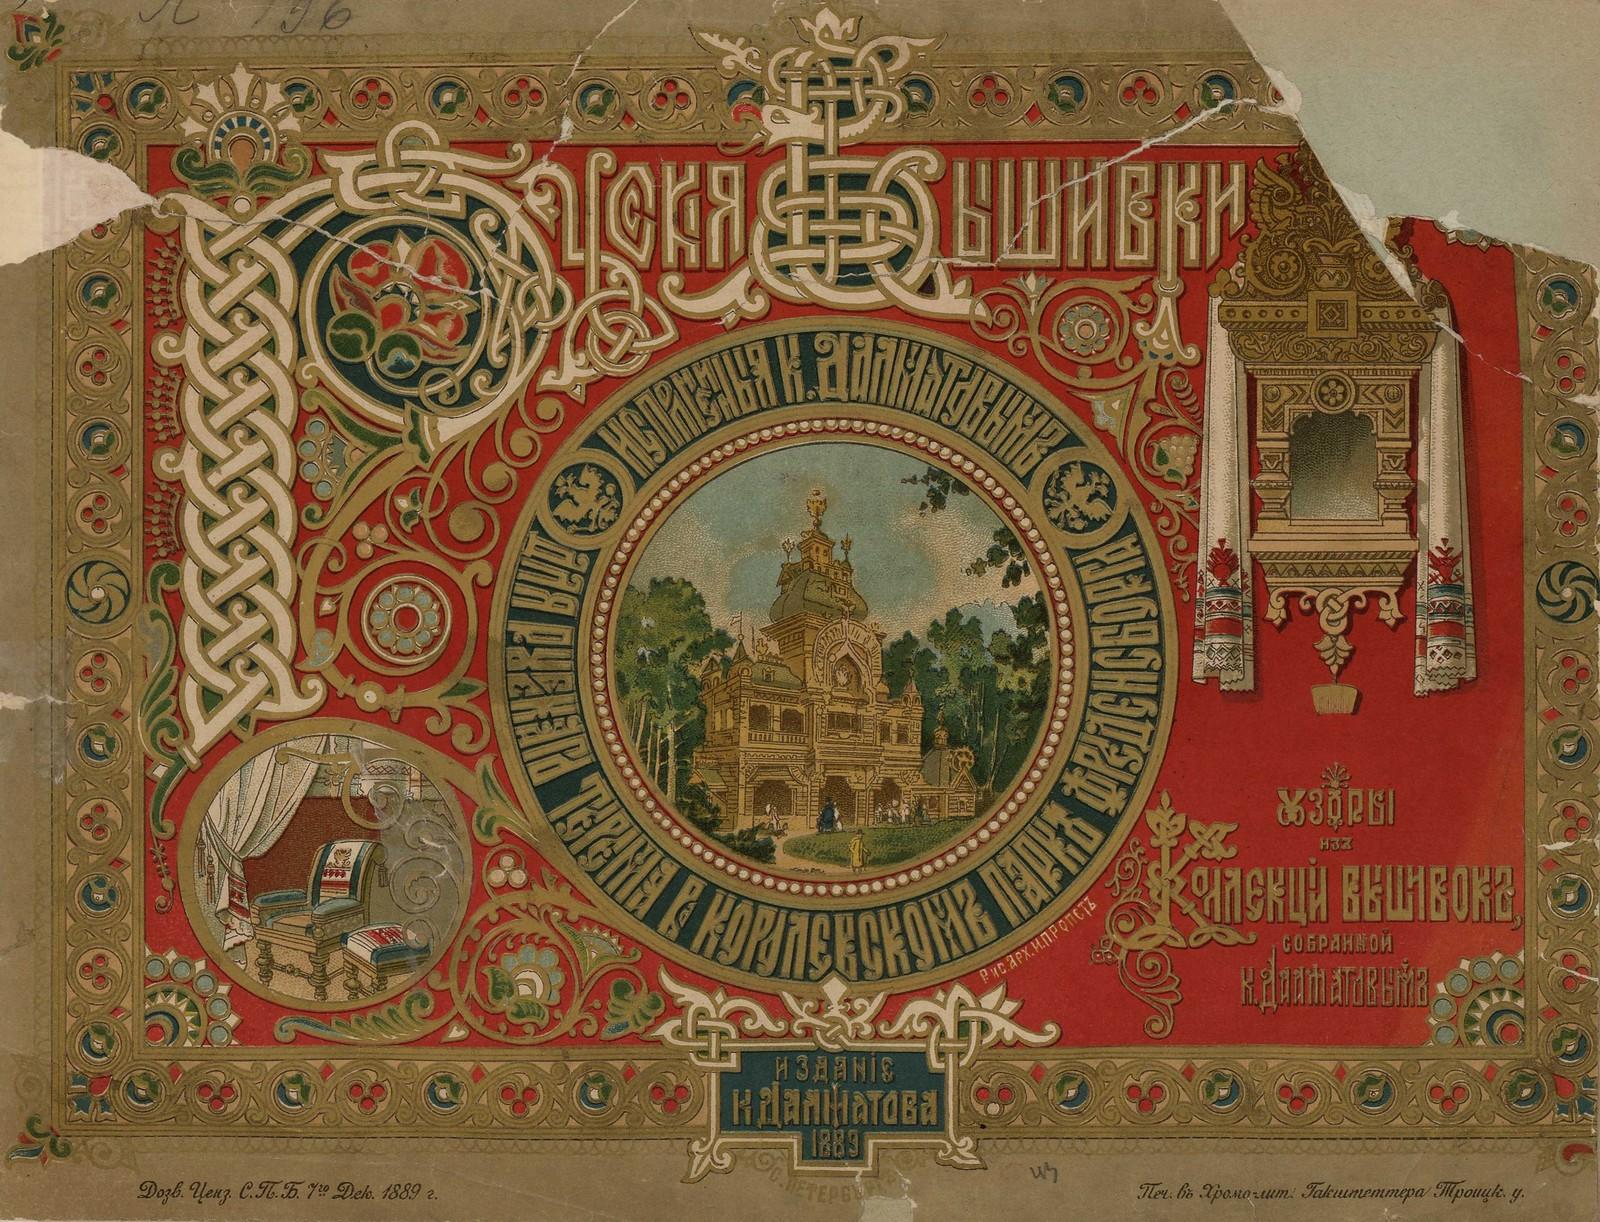 russkie-vyshivki-1889-001